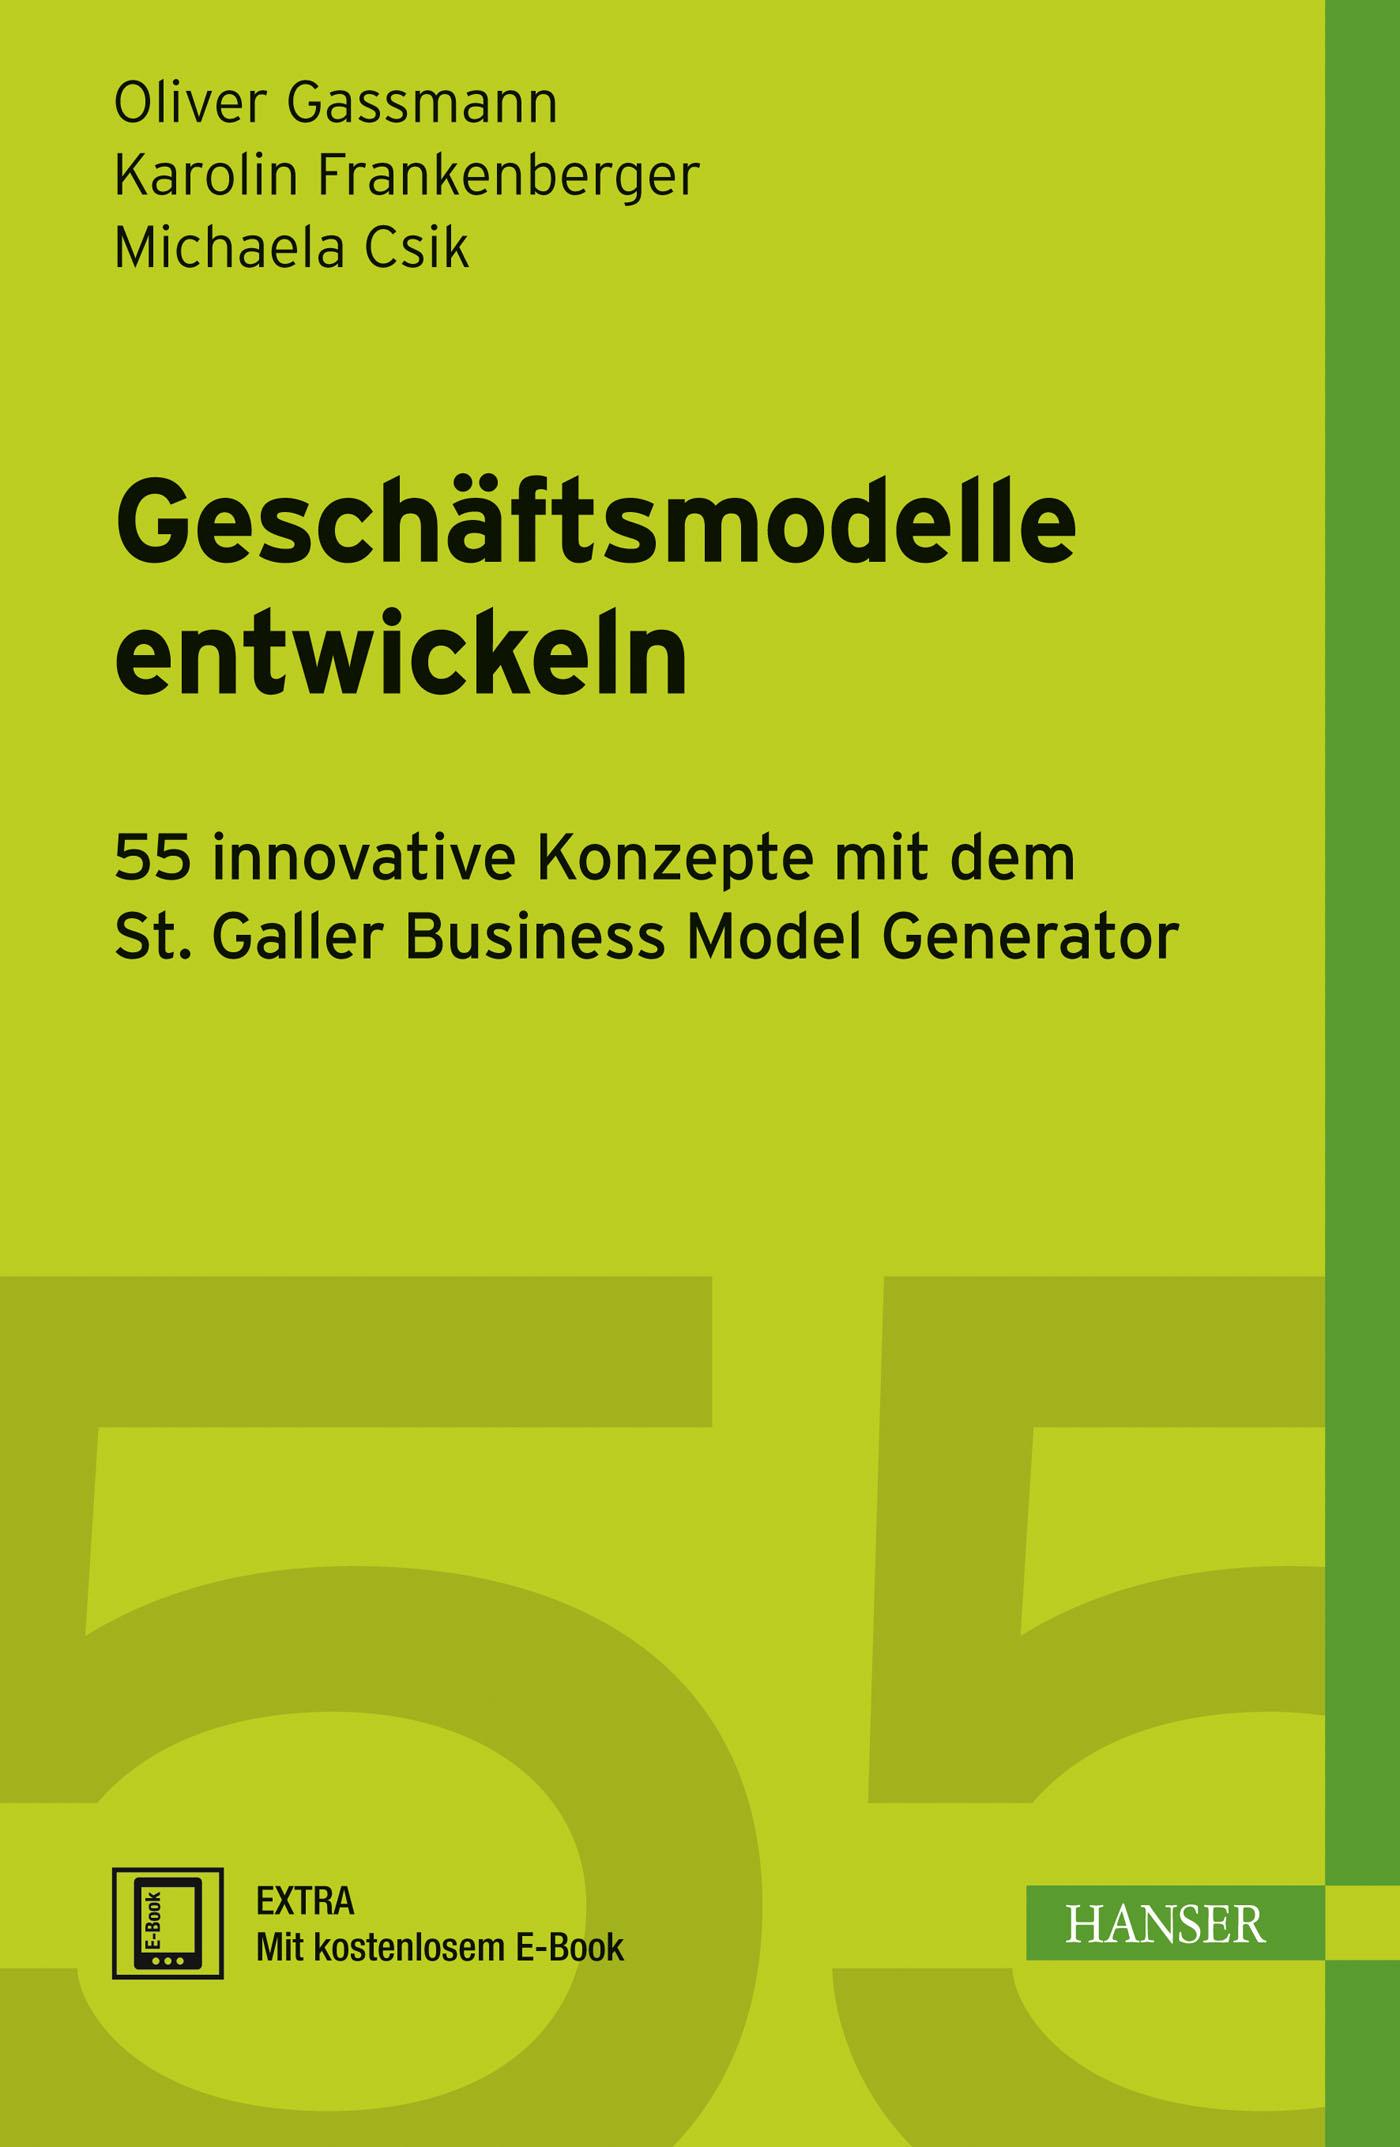 Geschäftsmodelle entwickeln: 55 innovative Konz...